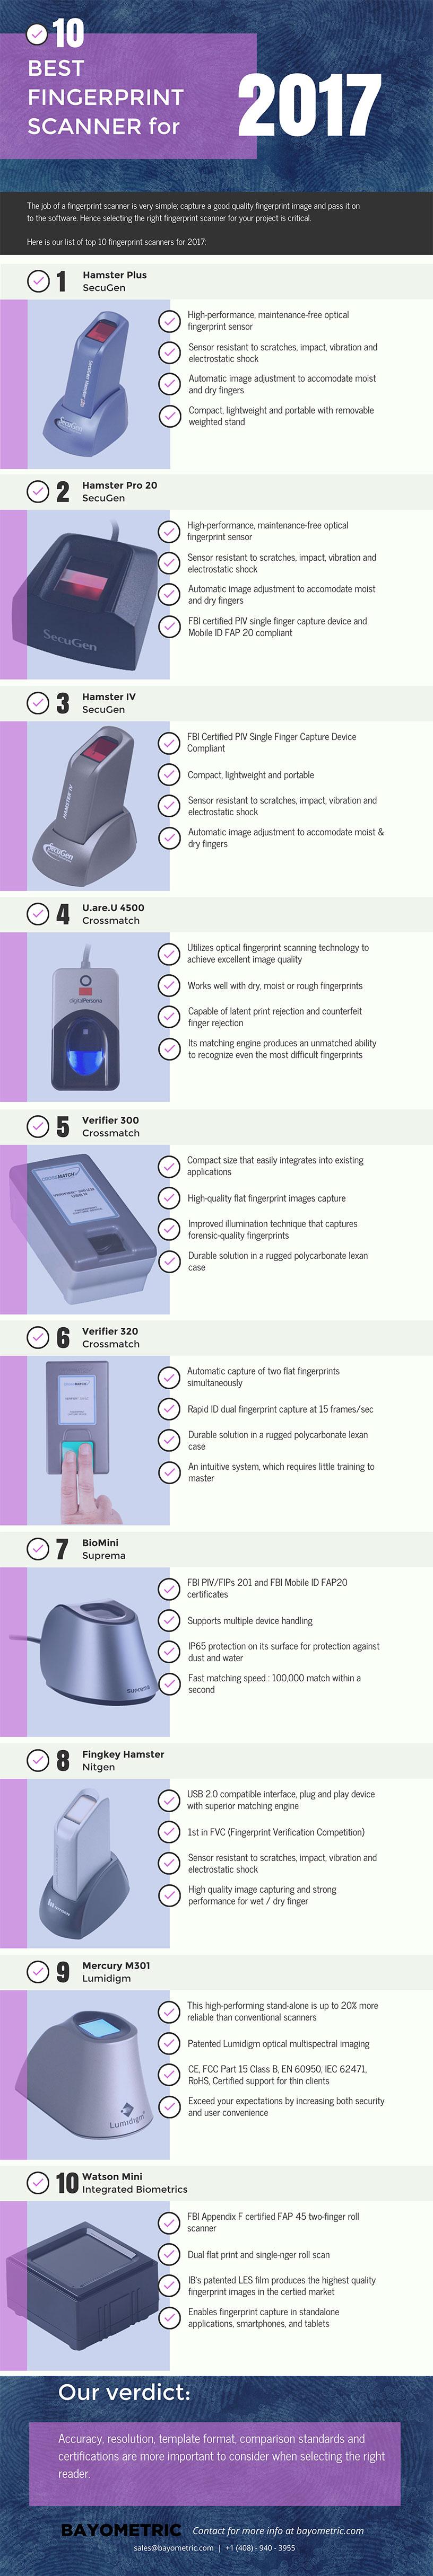 10 Best Fingerprint Scanner 2017